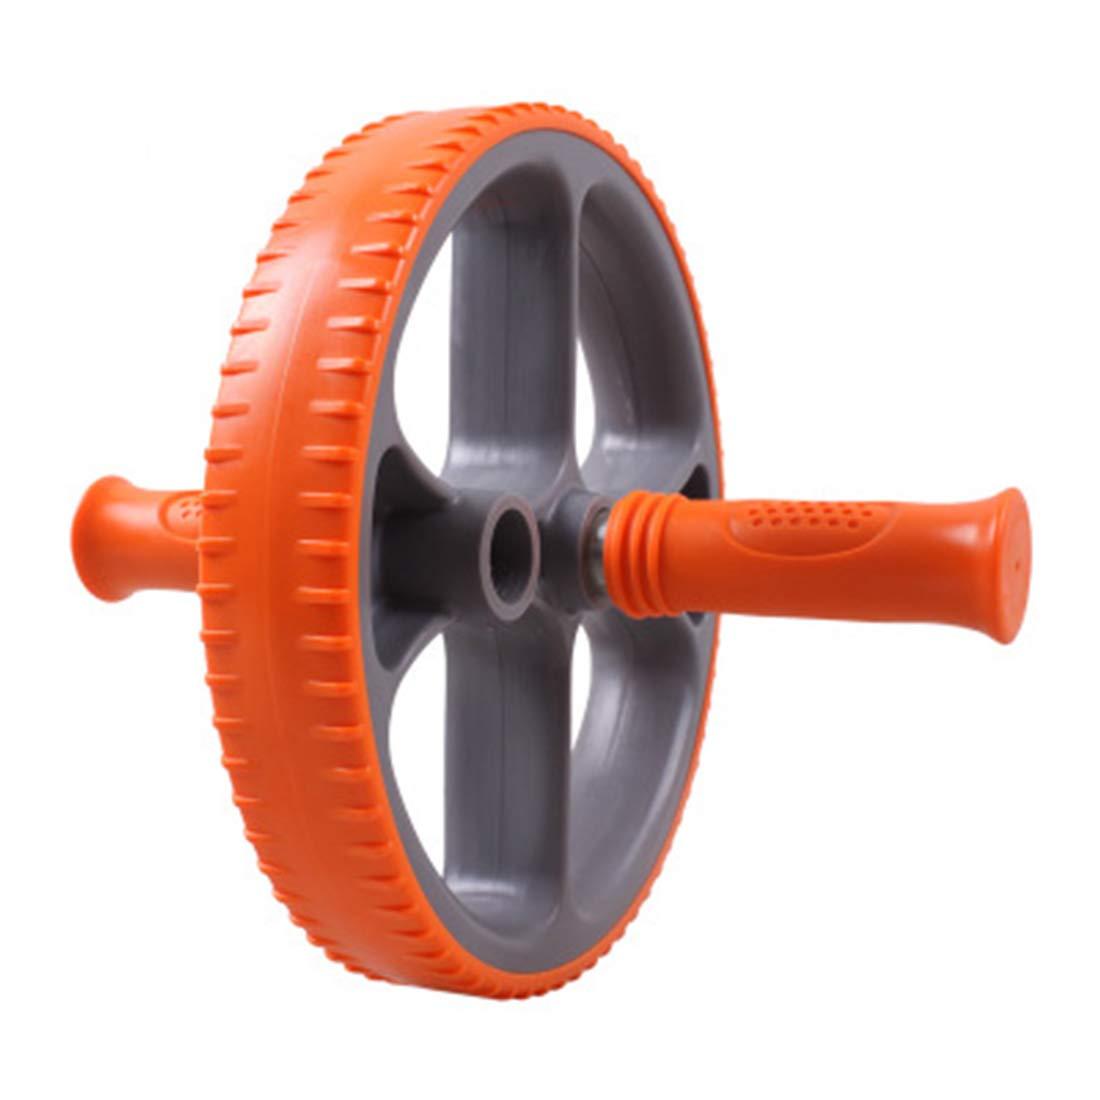 AUSWIEI Ab Roller Wheel, Übung und Fitness-Rad mit einfachen Griffen Griffe für Core Training und Bauch Workout,